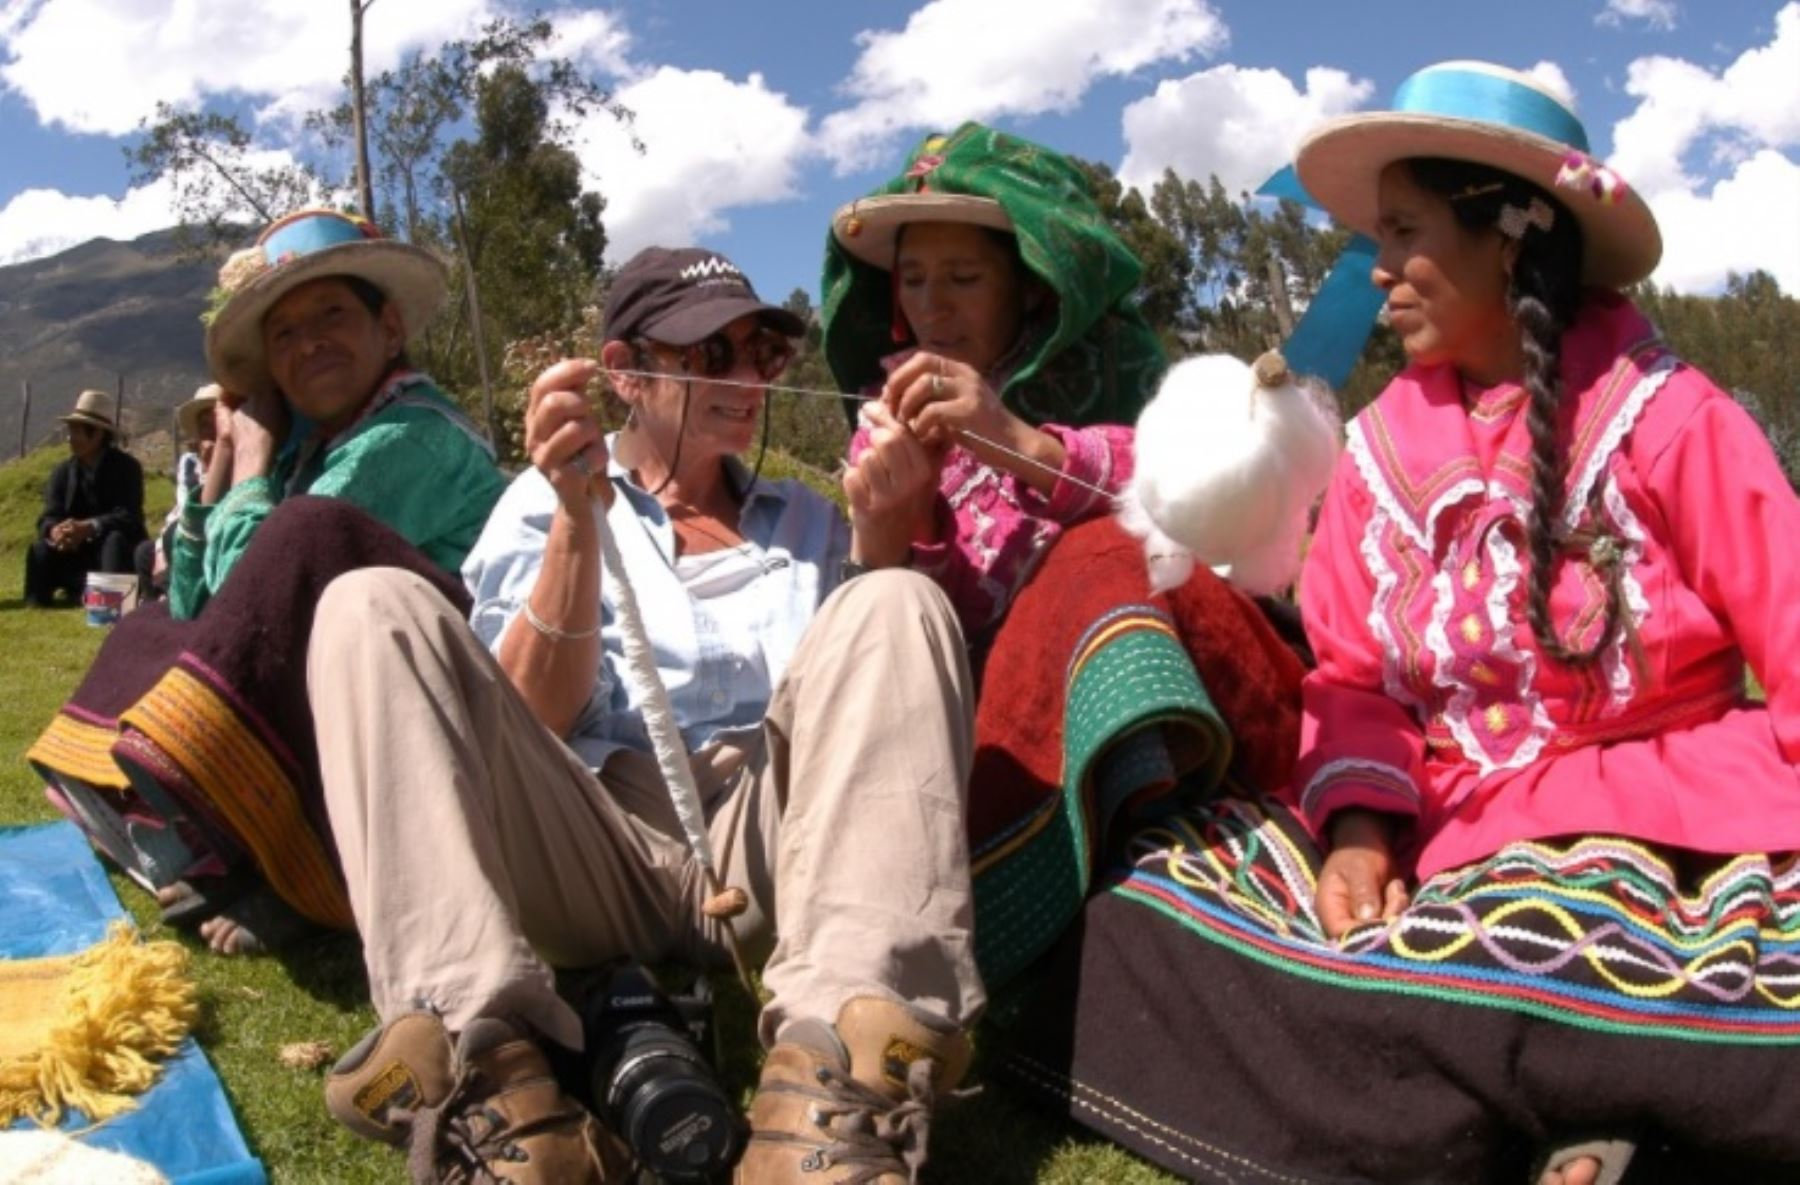 Turismo Rural Comunitario. ANDINA/Difusión